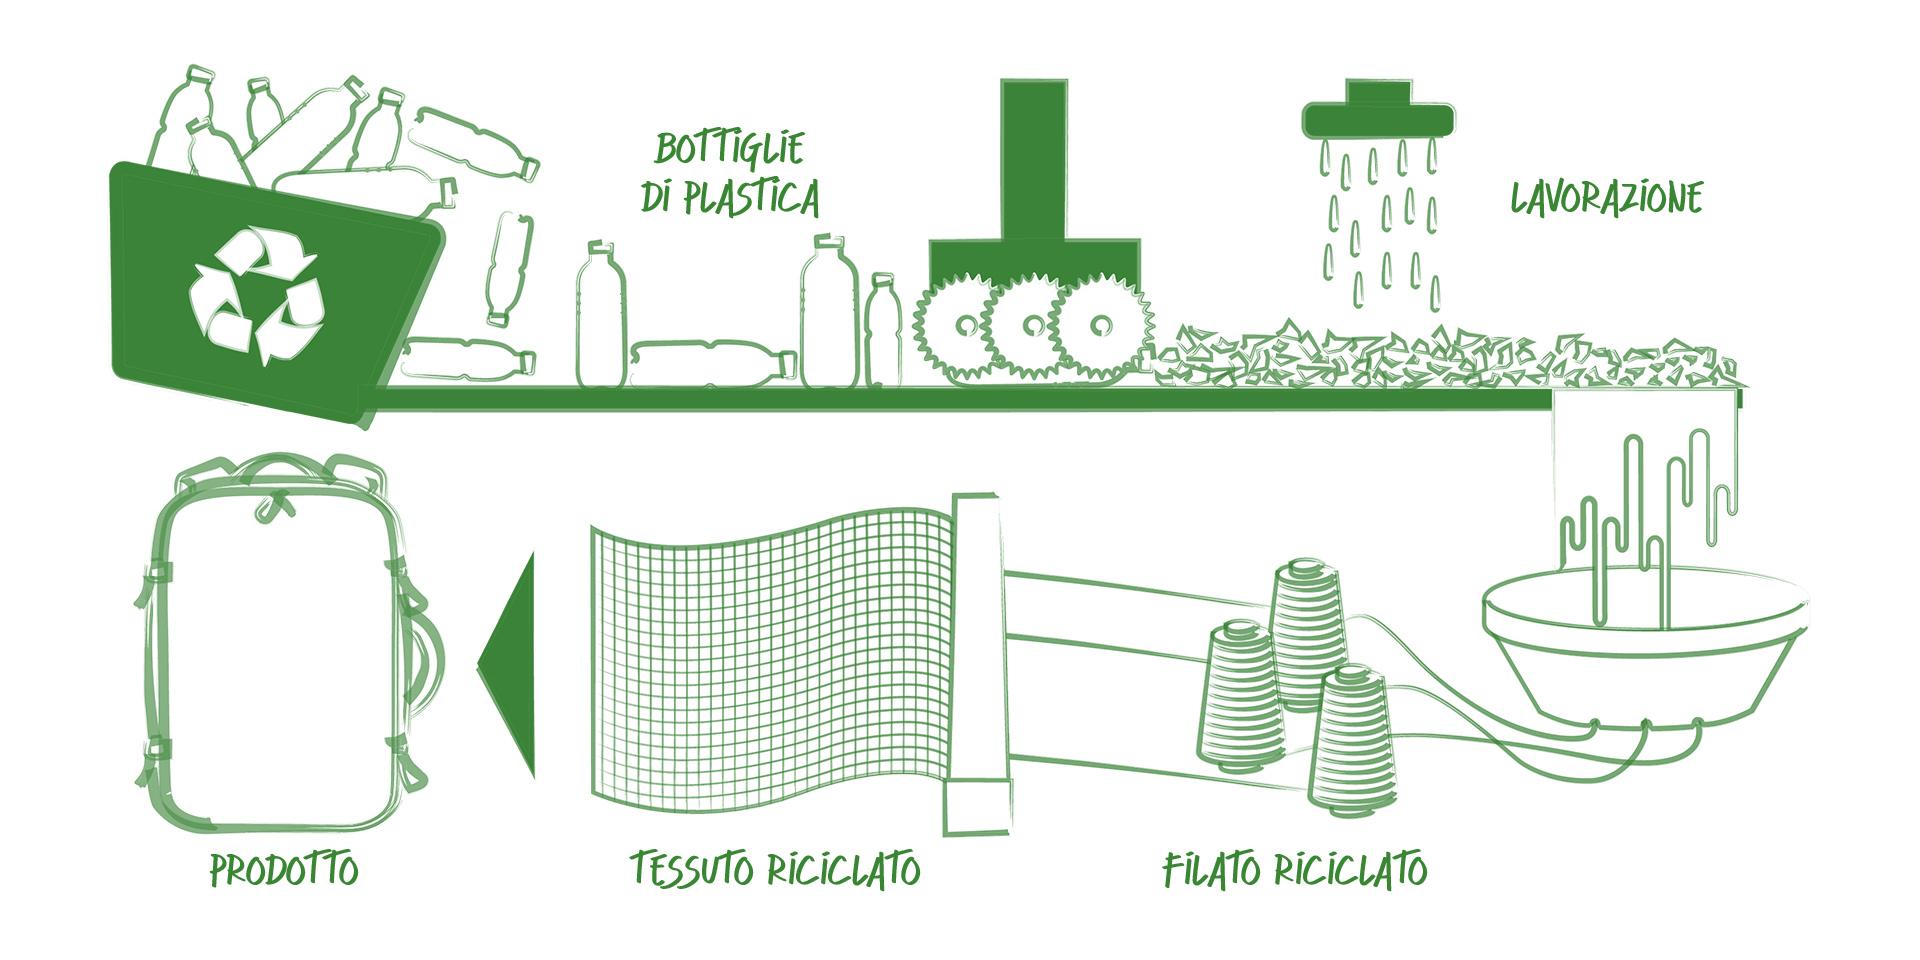 processo_di_riciclo_tucano